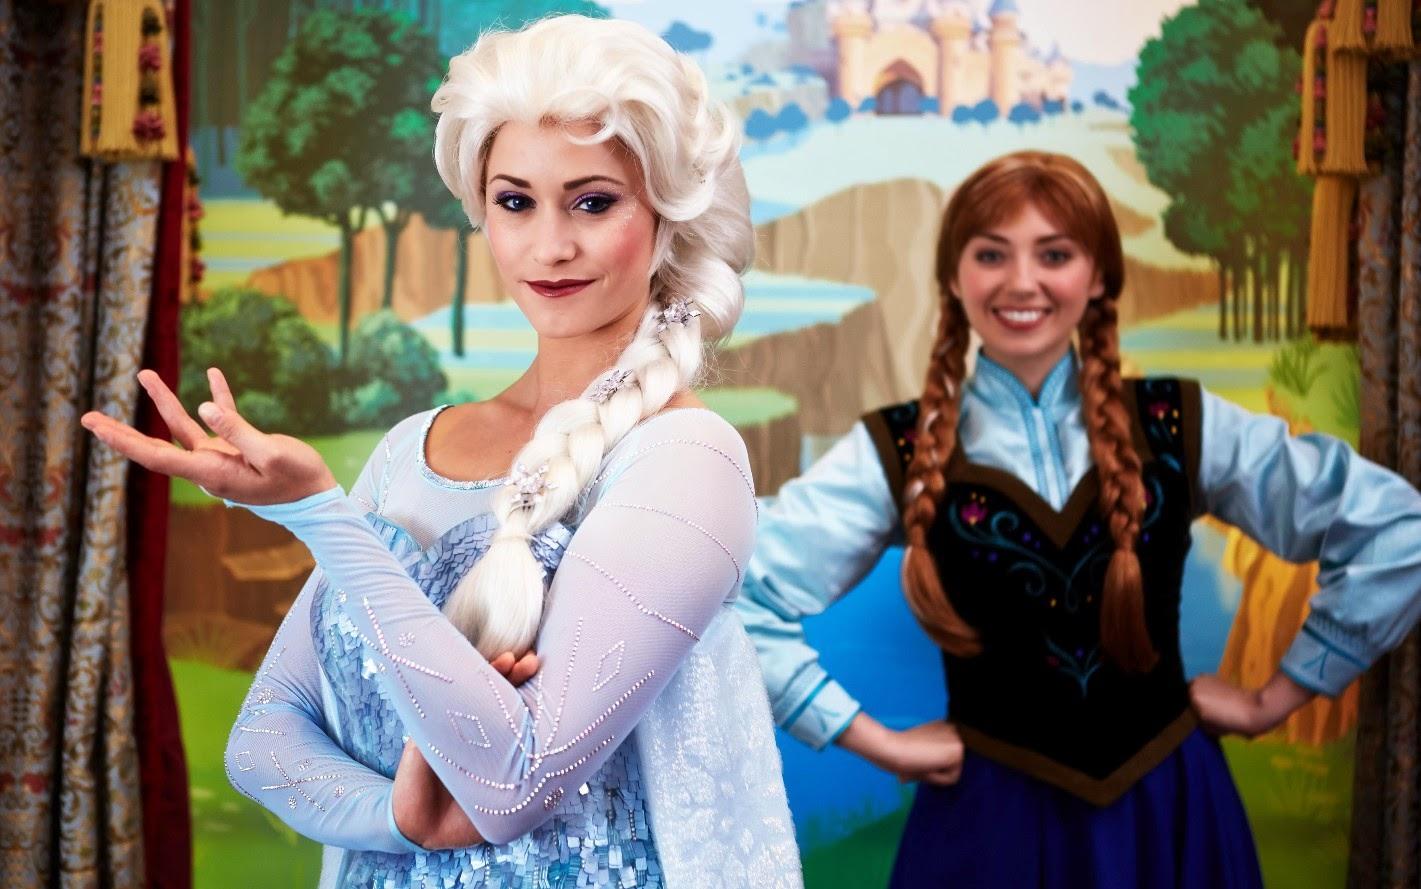 Un été 2015 givré à Disneyland Paris.jpg